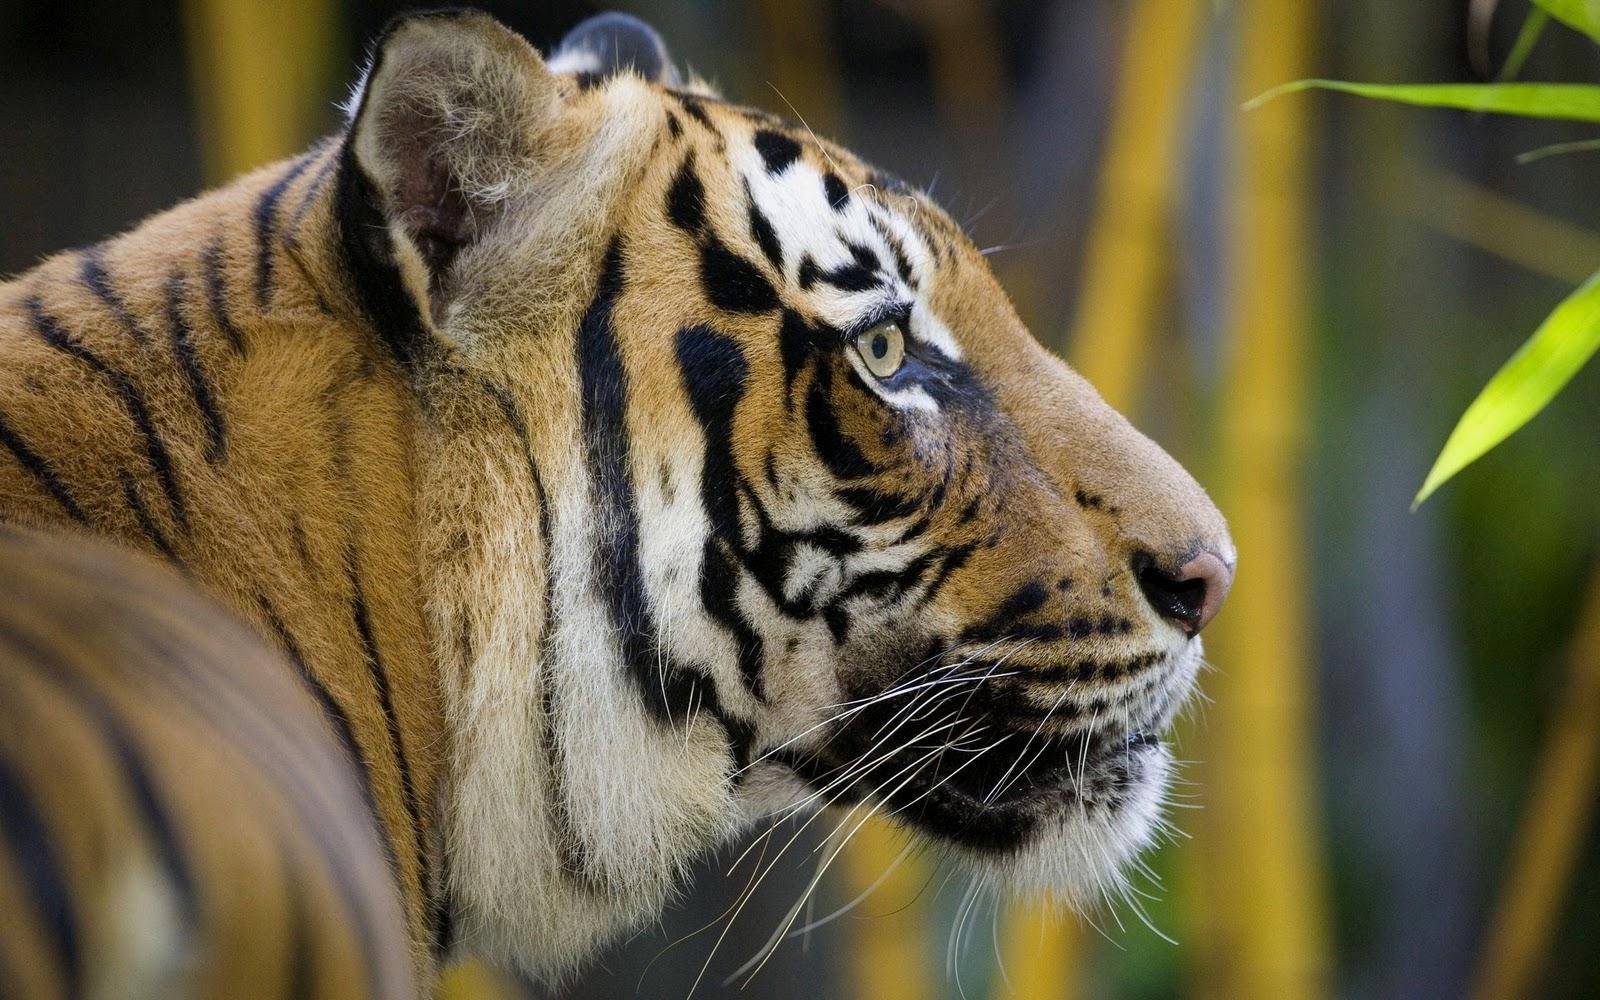 foto hewan - download gambar macan